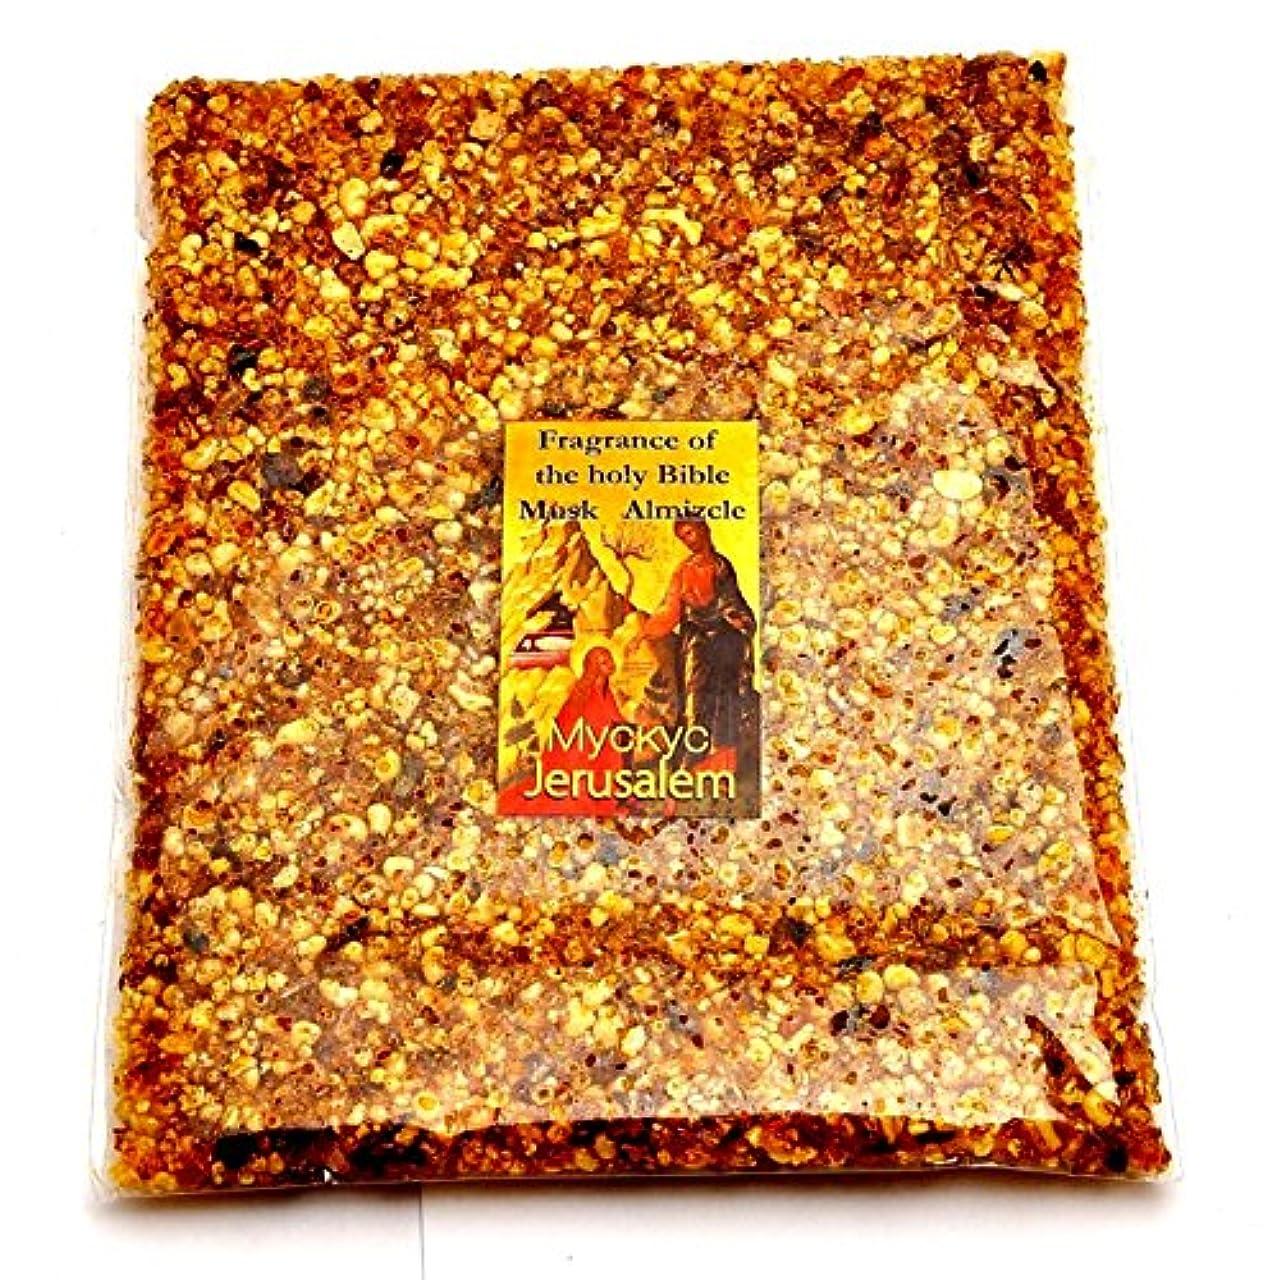 シャット素晴らしきギャップIncense Burn Fragrance of the Holy BibleムスクAlmizcleからHolylandエルサレム